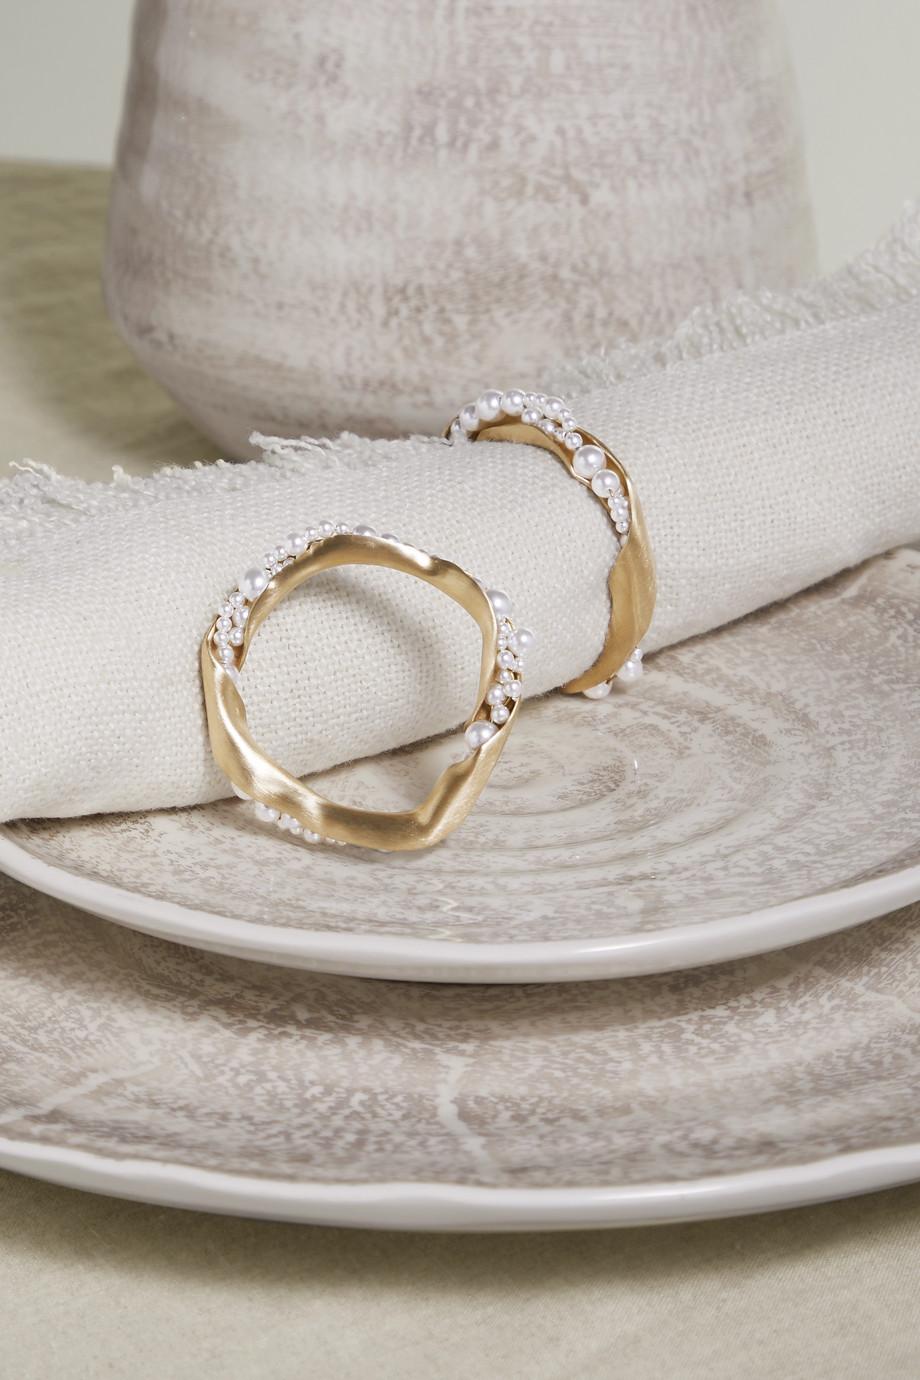 Completedworks Set de deux ronds de serviette en métal doré et perles synthétiques